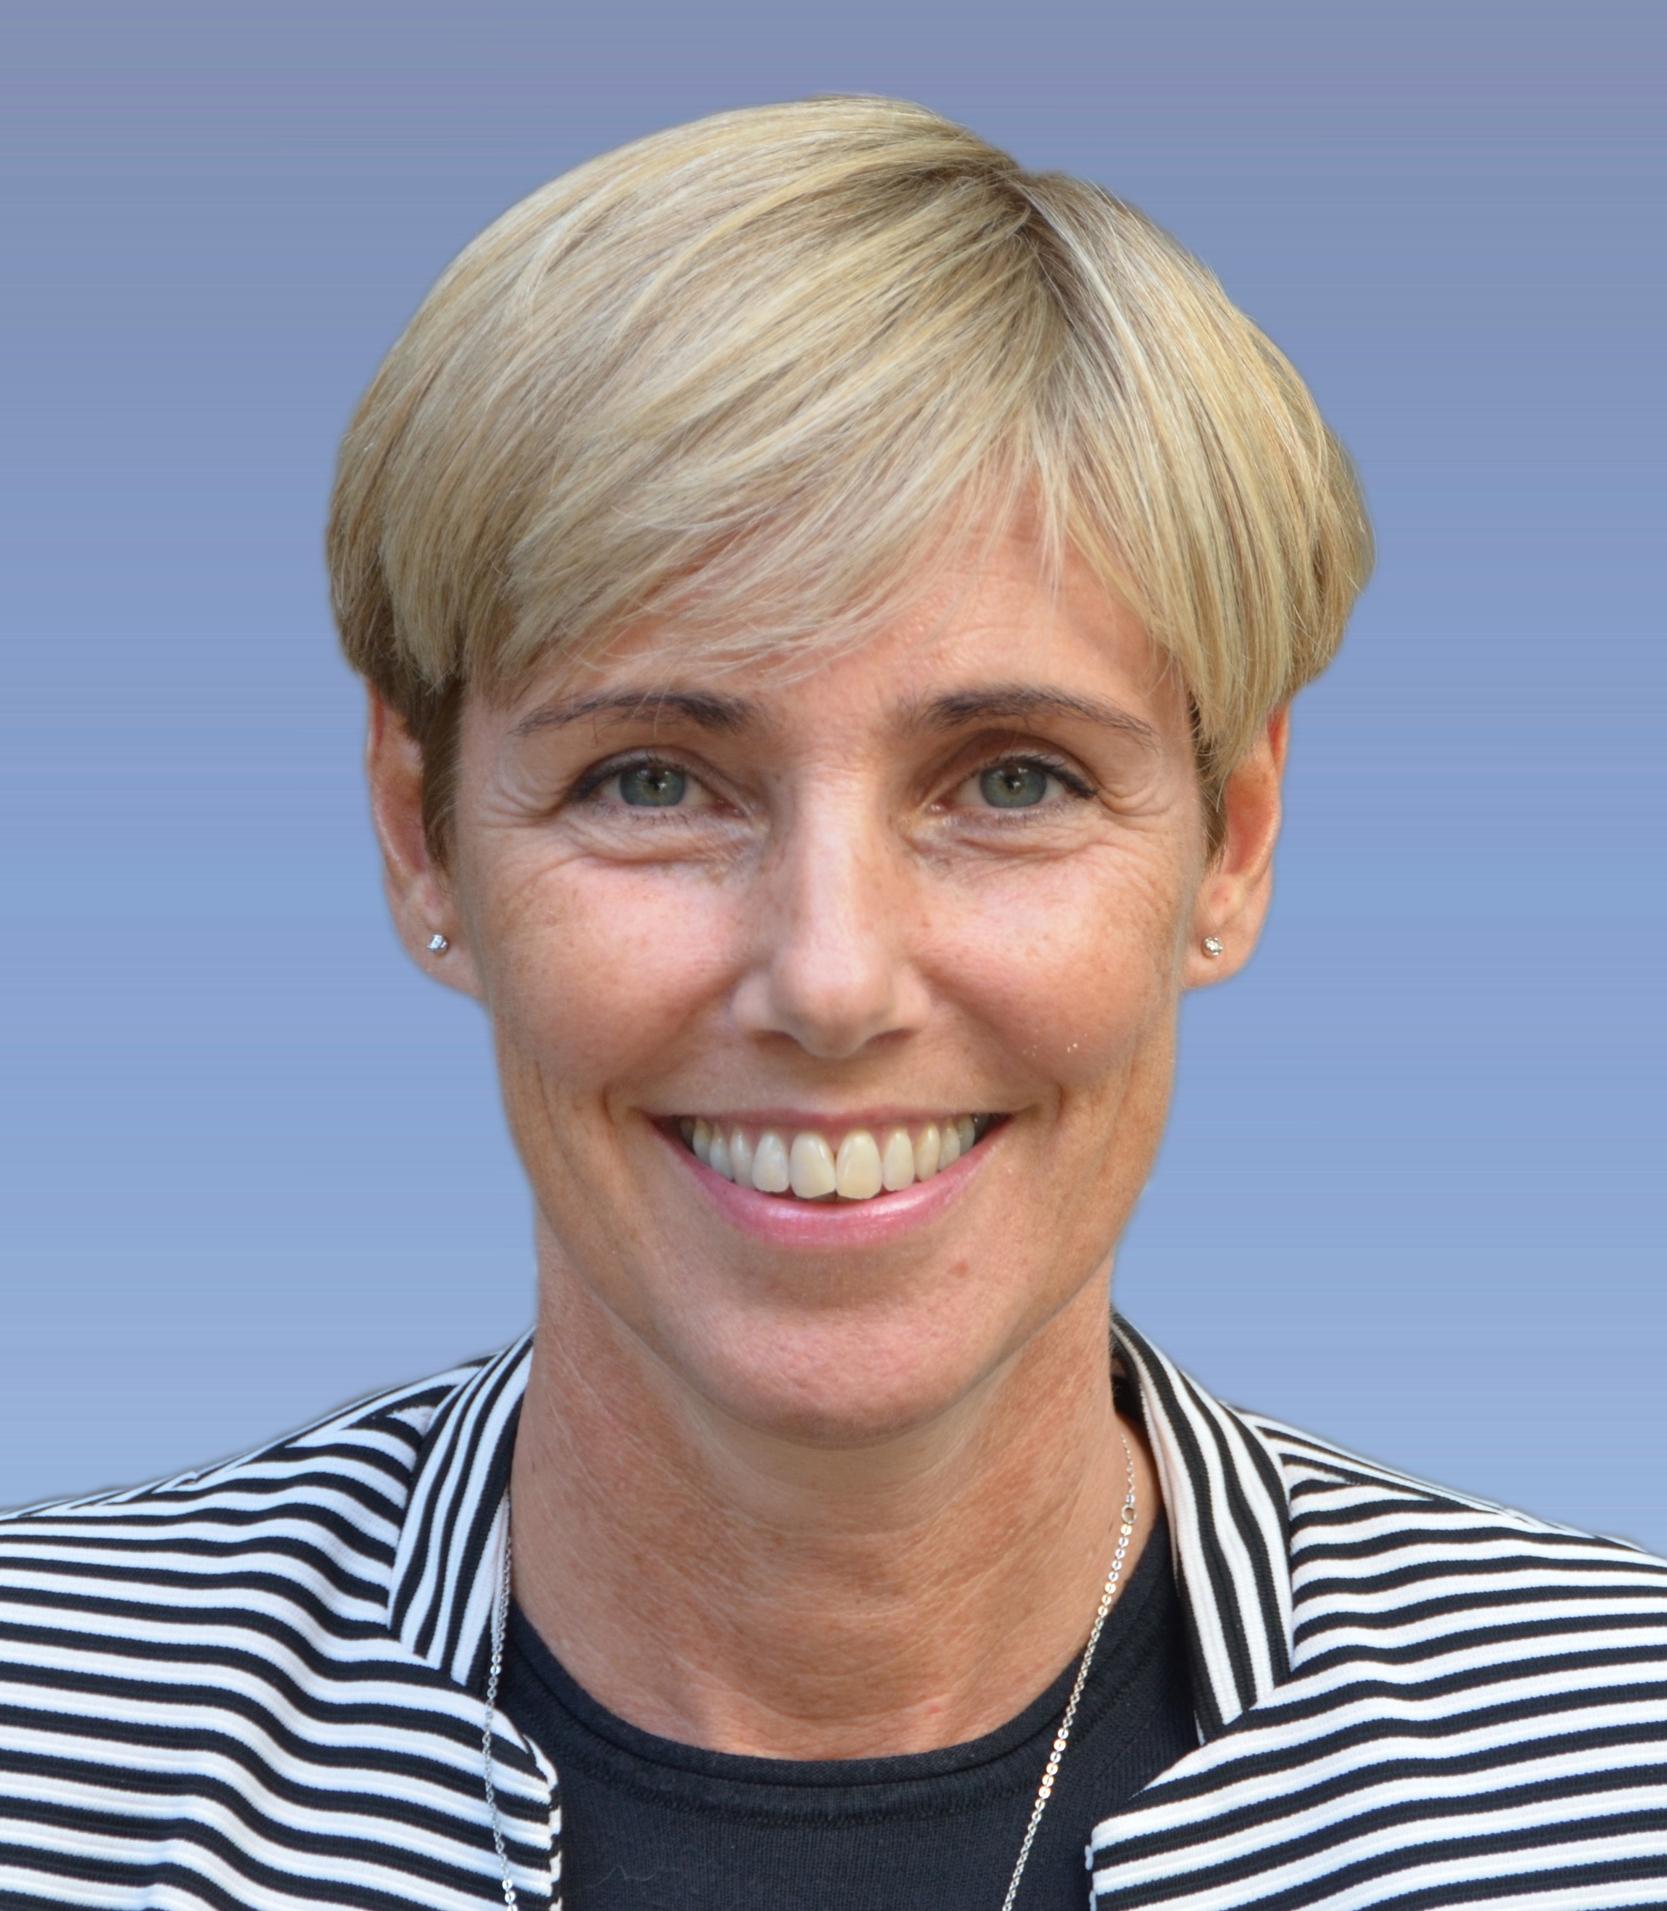 Alessandra Luksch, Osservatorio Startup Intelligence